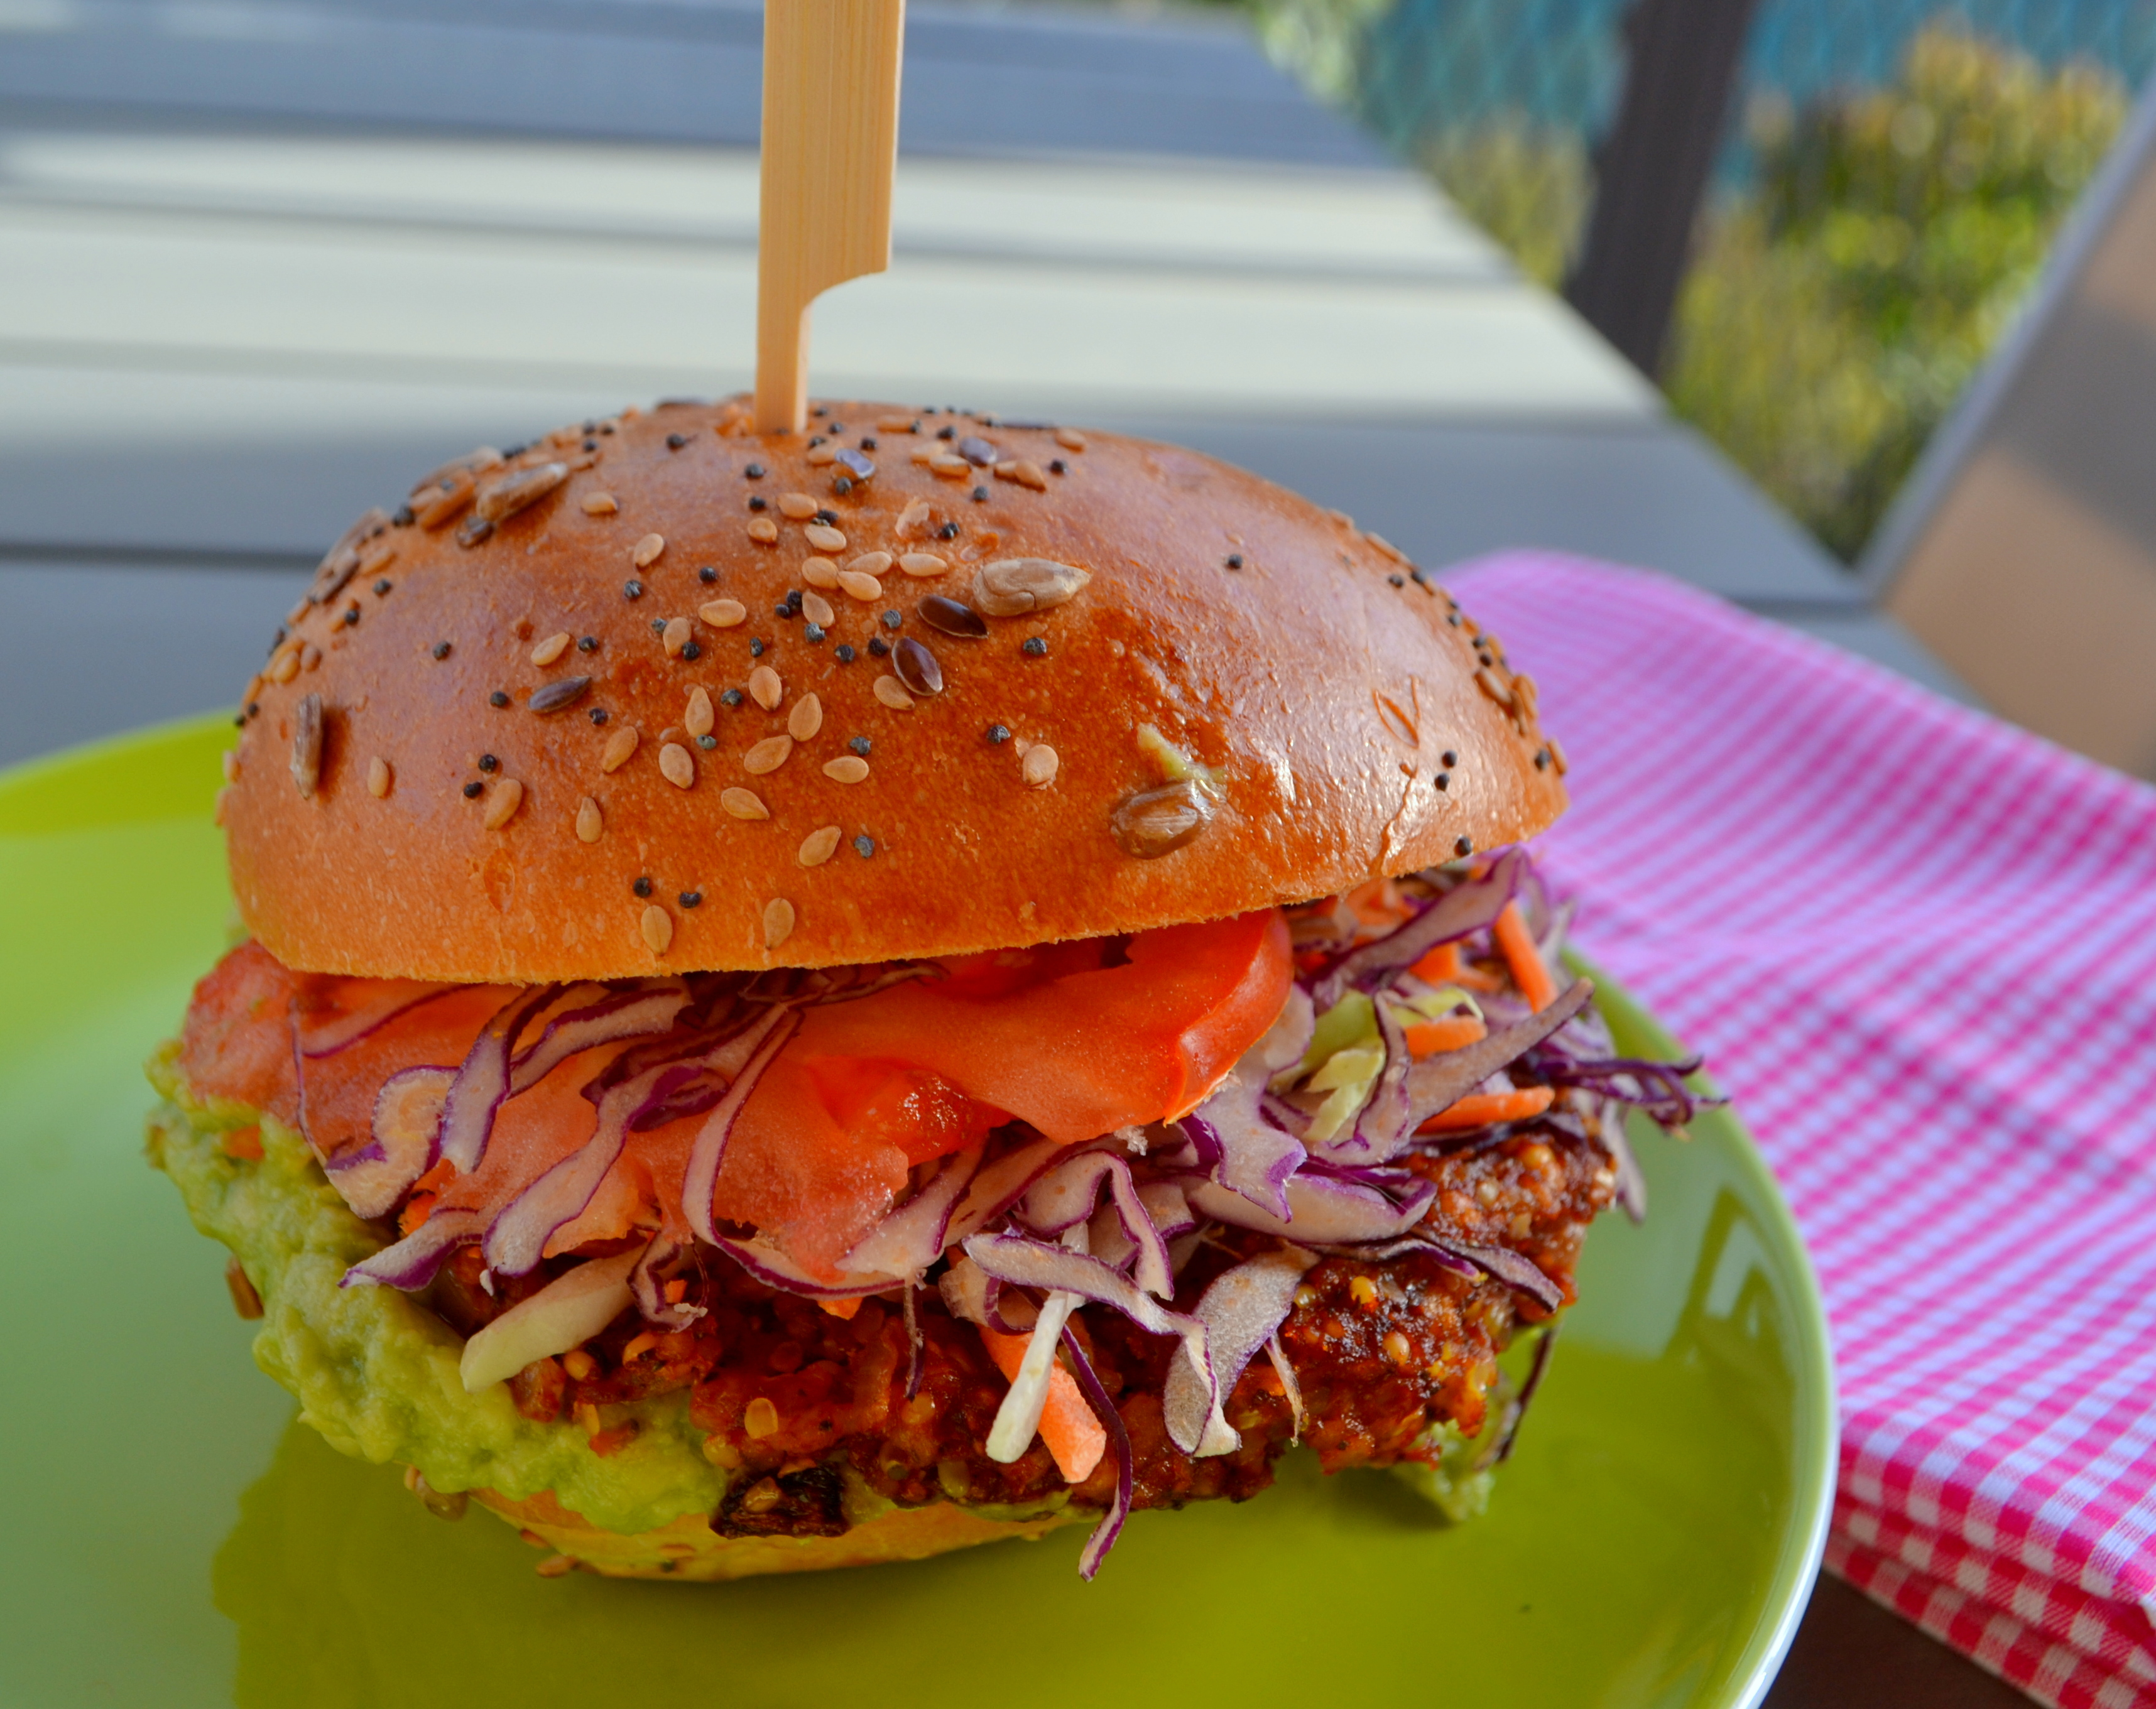 Burger aus Sorghumhirse – Weltküche